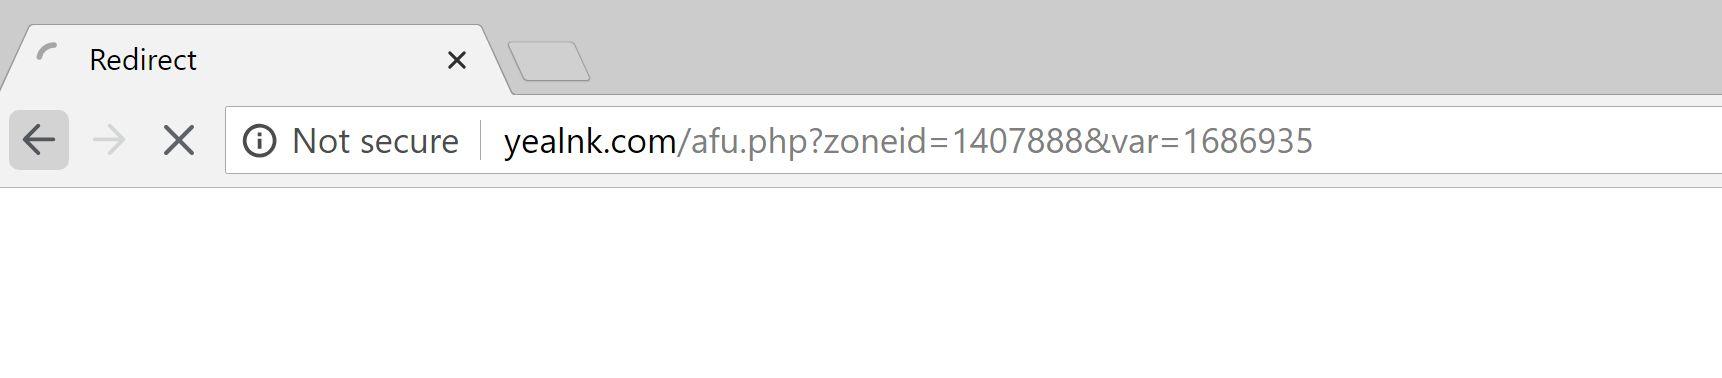 Yealnk.com popup redirect virus